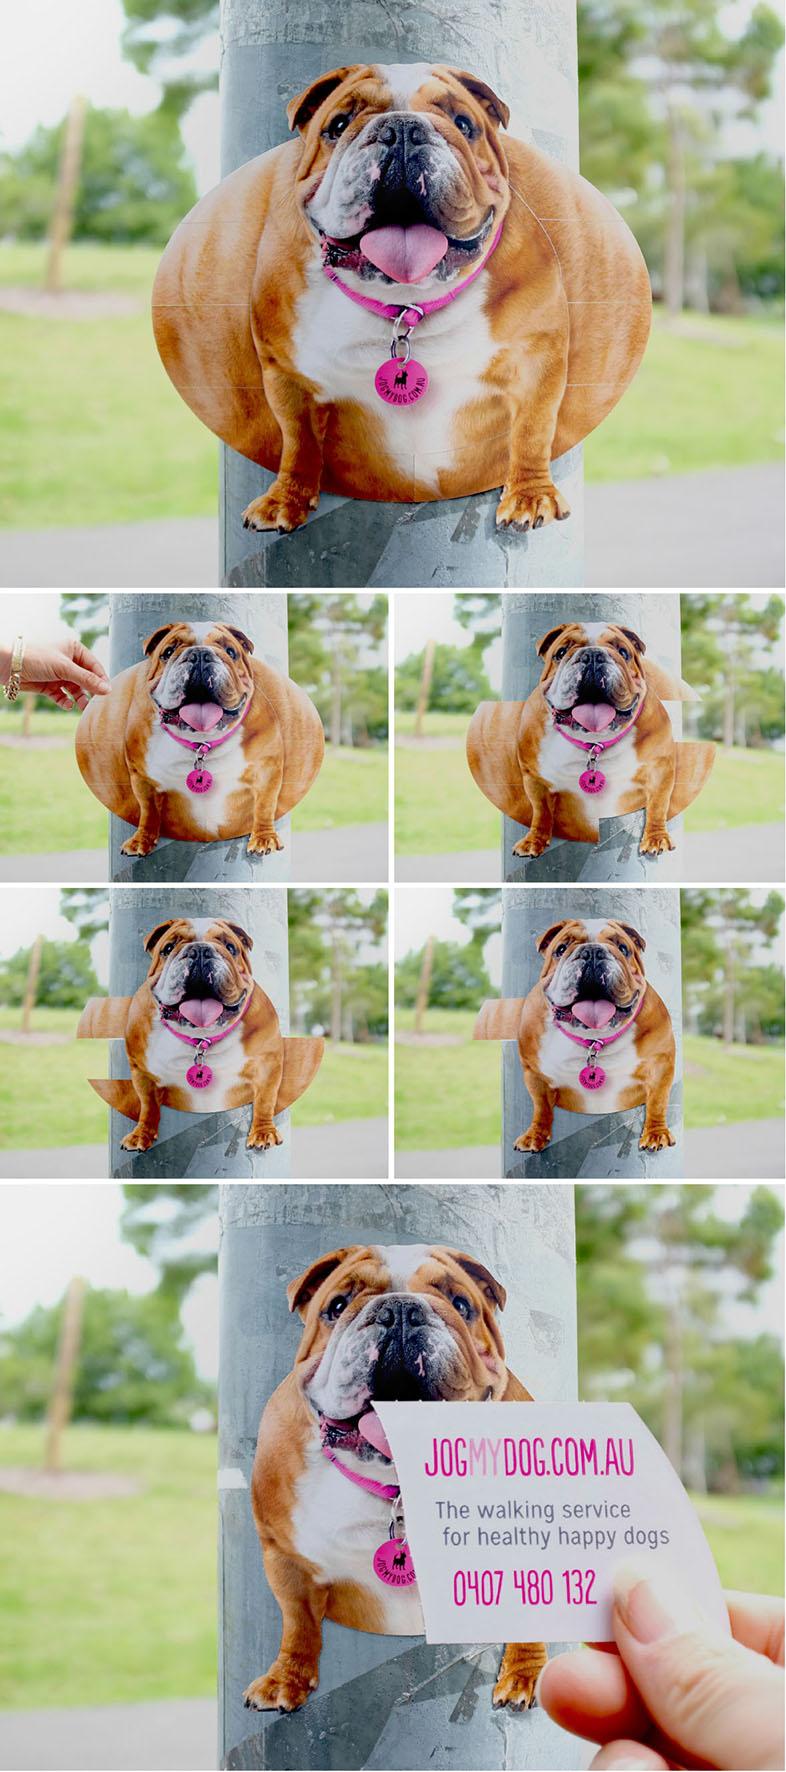 Jogmydog-Dog-Walking